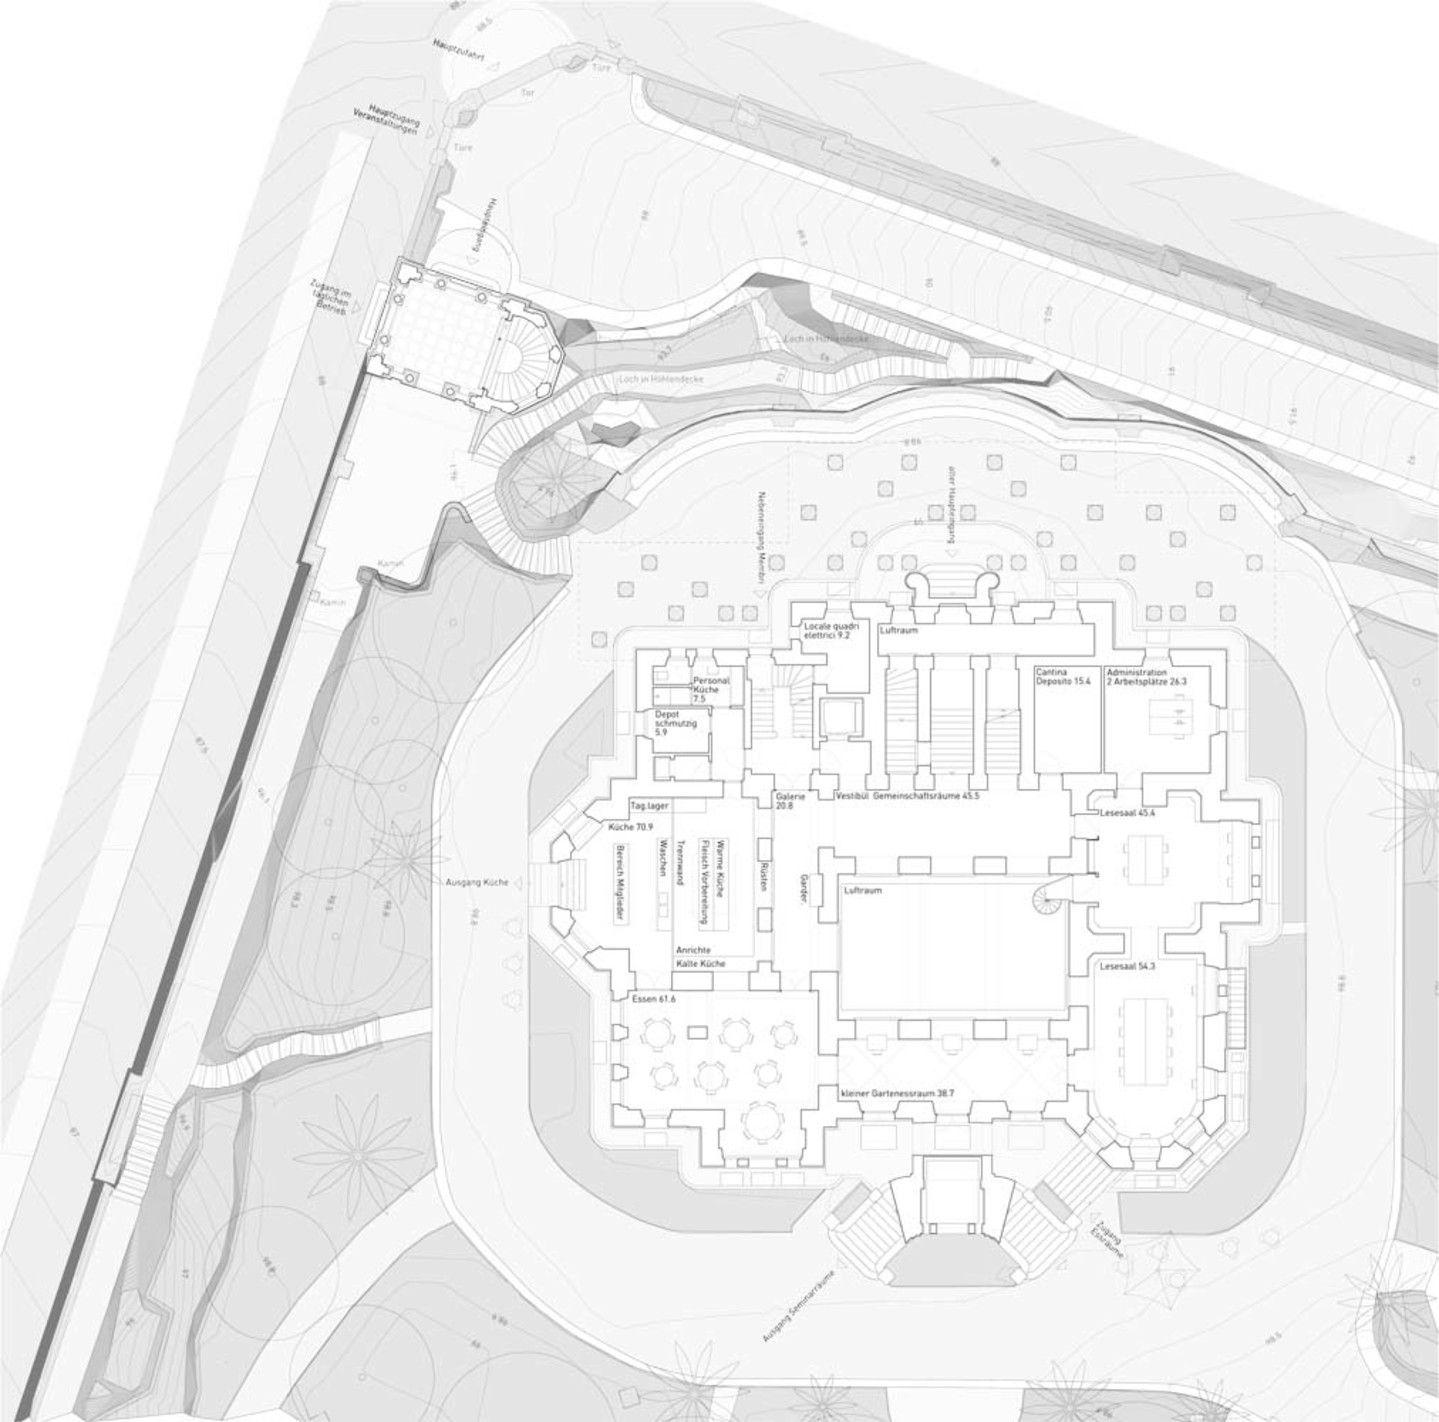 Suche Architekten bosshard vaquer architekten restrukturierung villa maraini rom